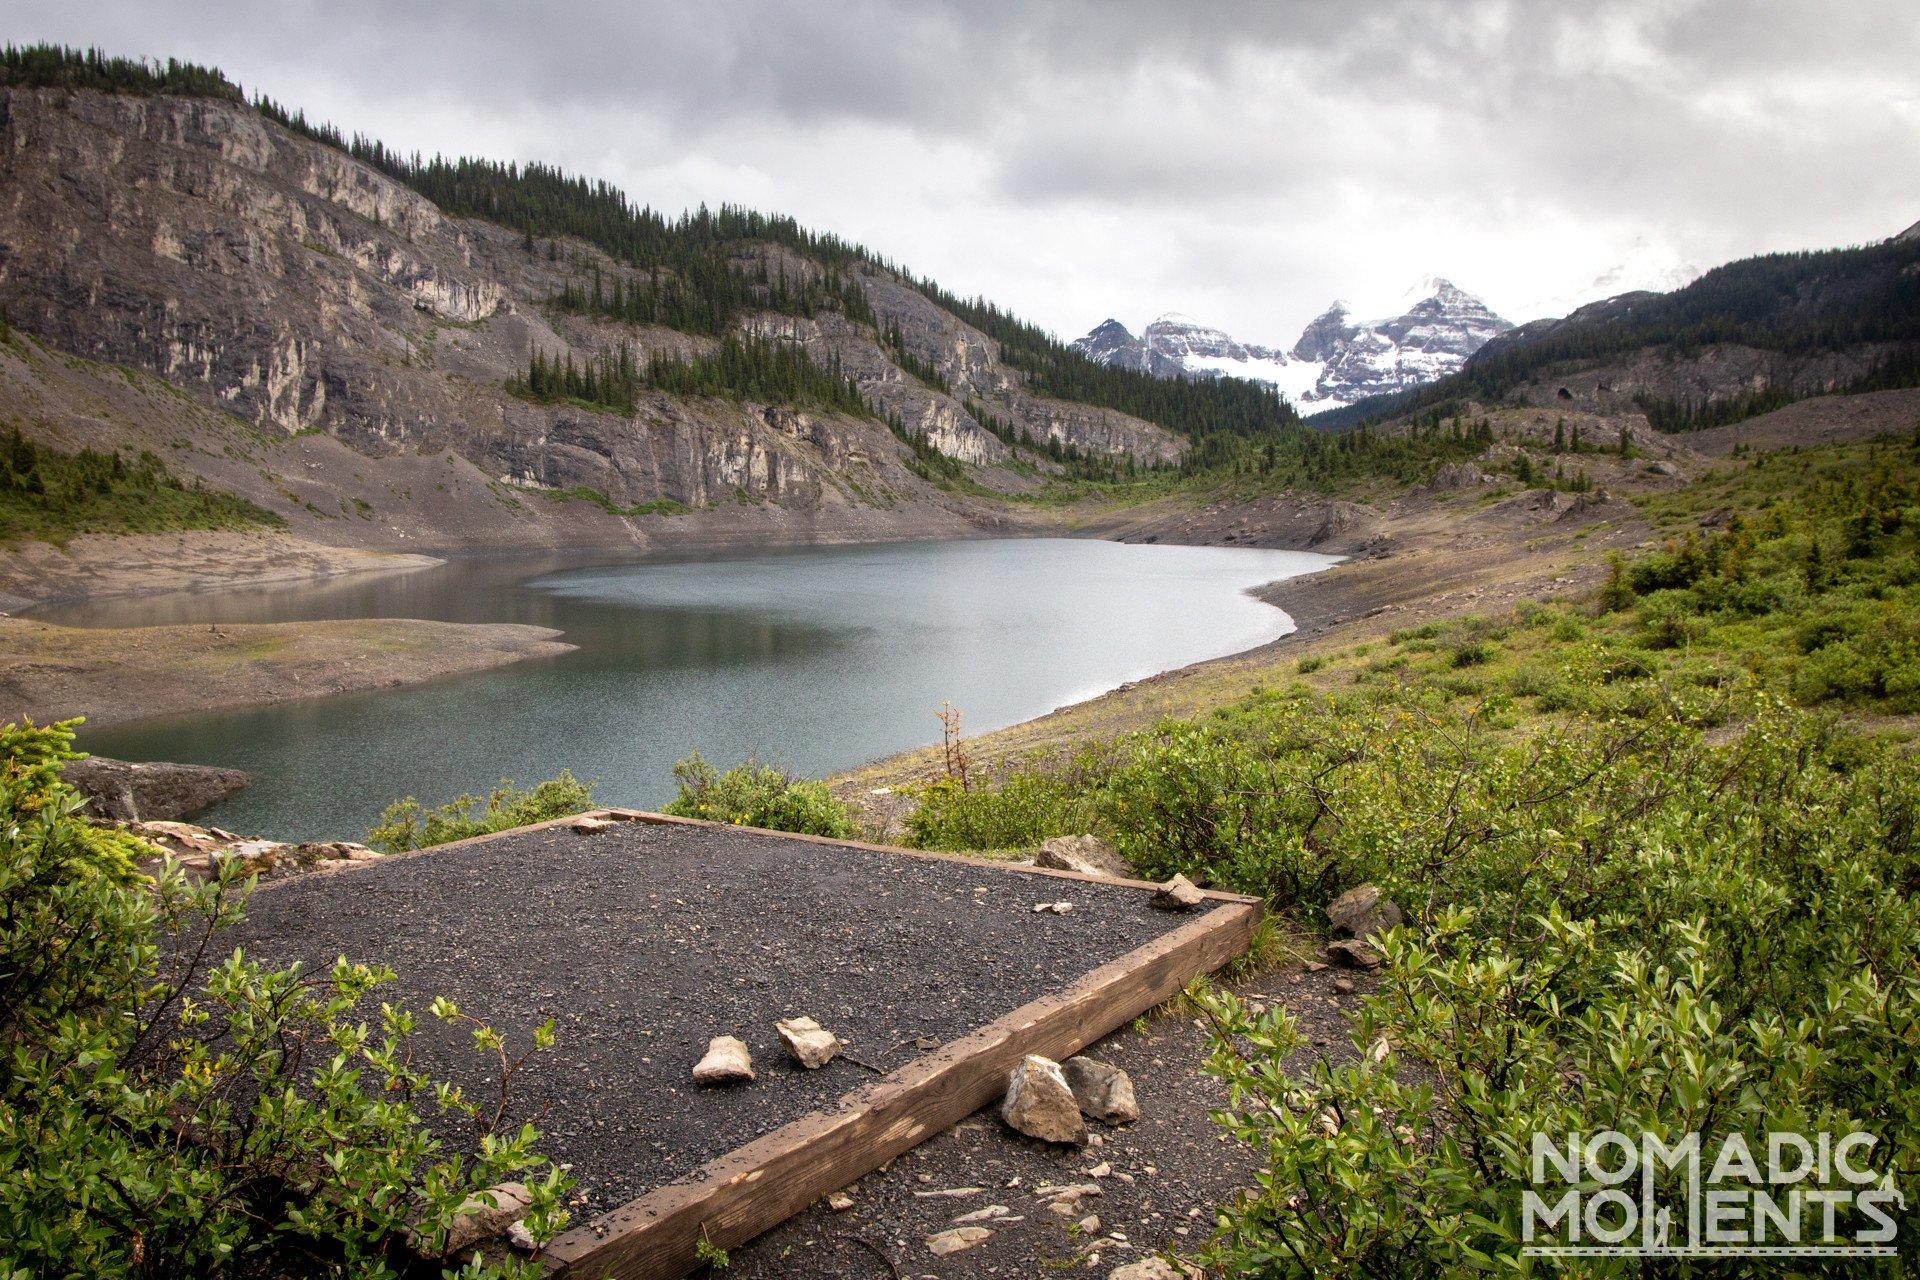 Og Lake Camping Platform